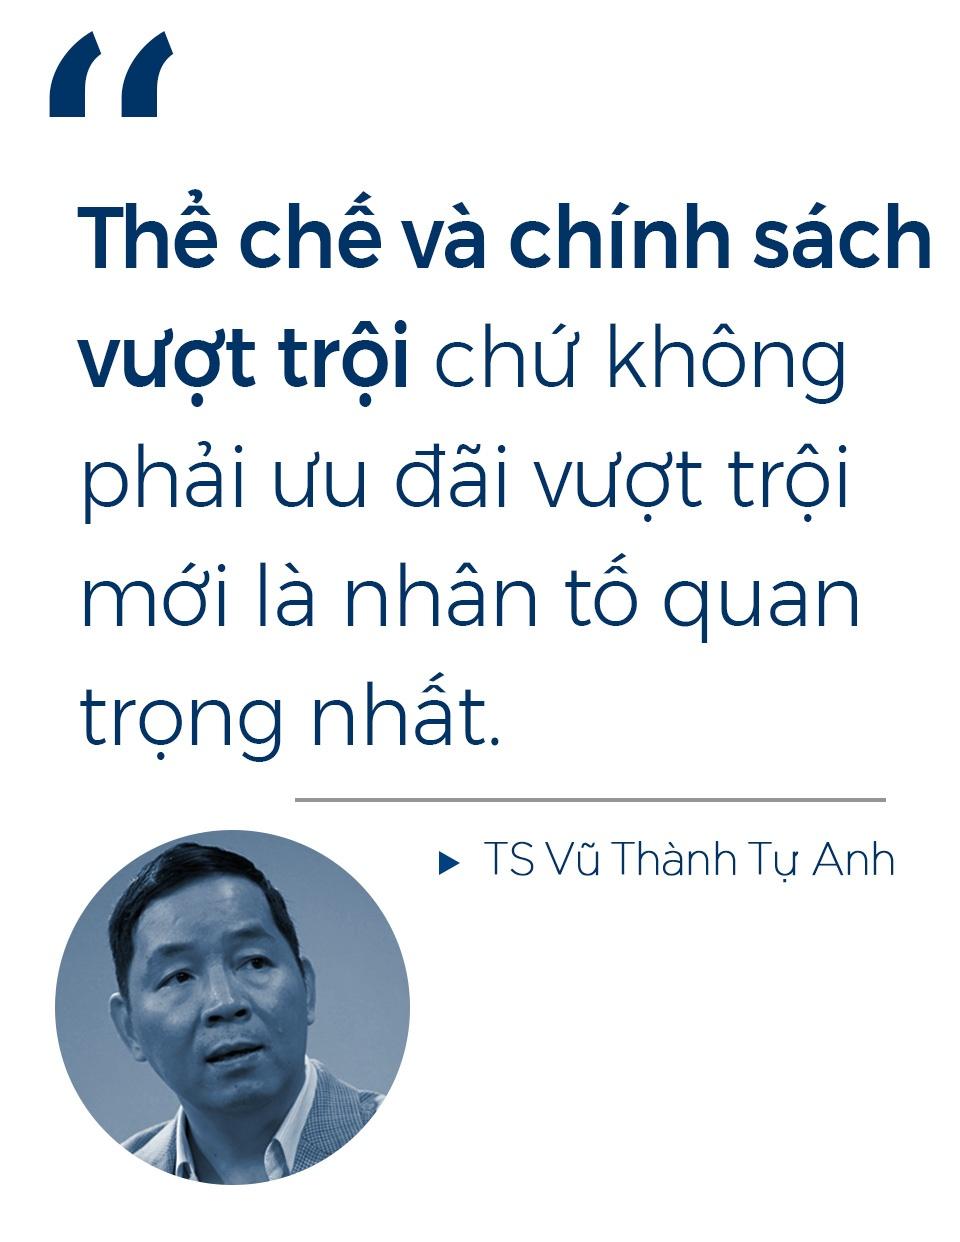 Dac khu kinh te: Phong thi nghiem cua cai cach the che va chinh sach anh 11